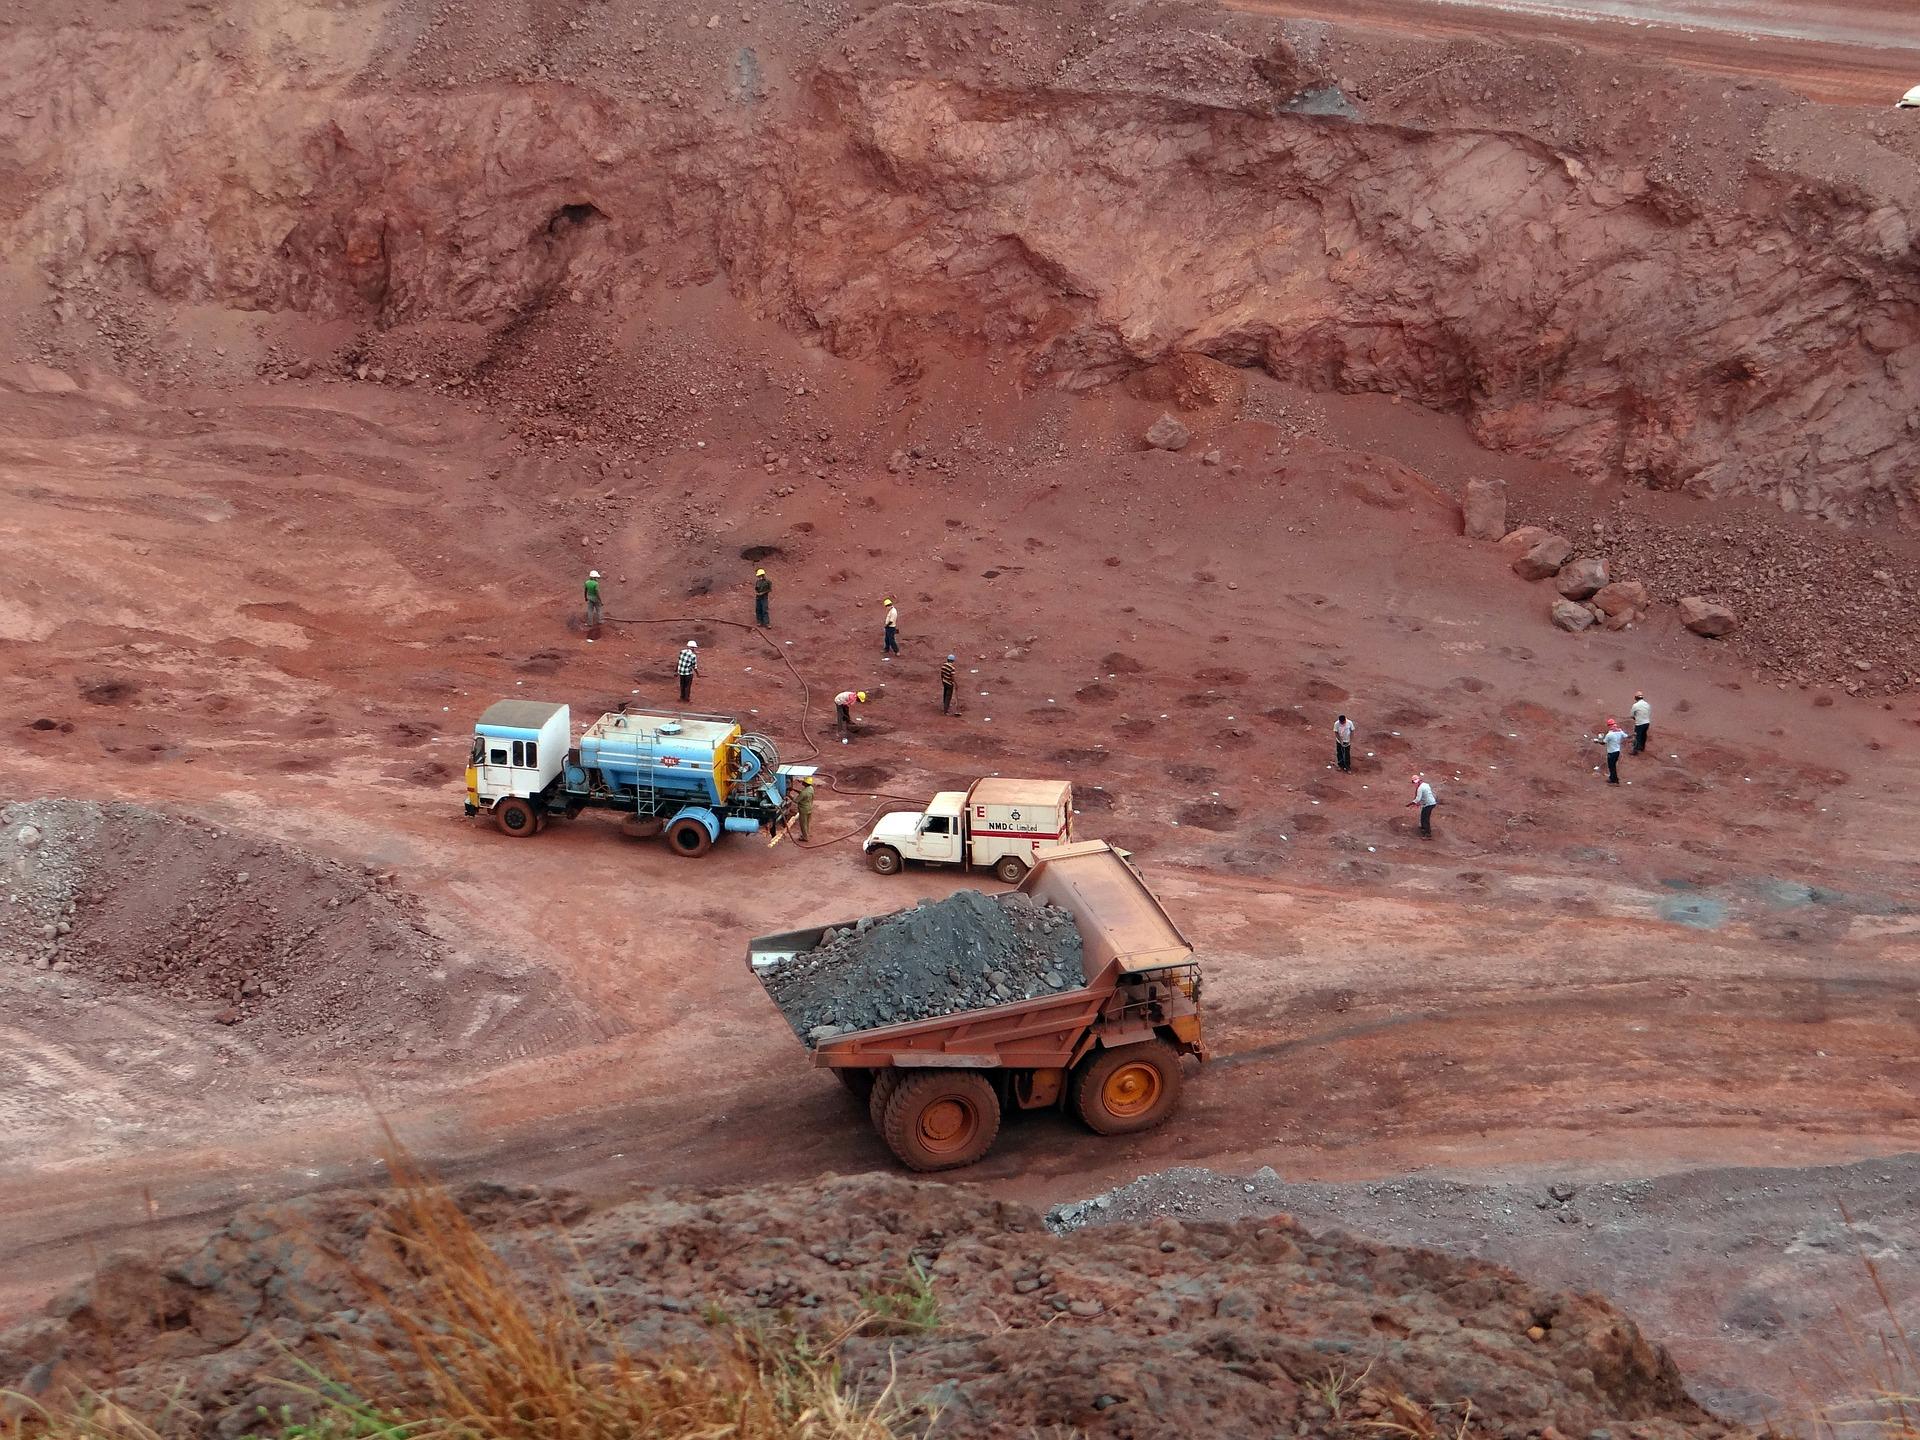 Bản tin thị trường kim loại ngày 21/8: Giá quặng sắt đang trong quá trình điều chỉnh giảm - Ảnh 1.